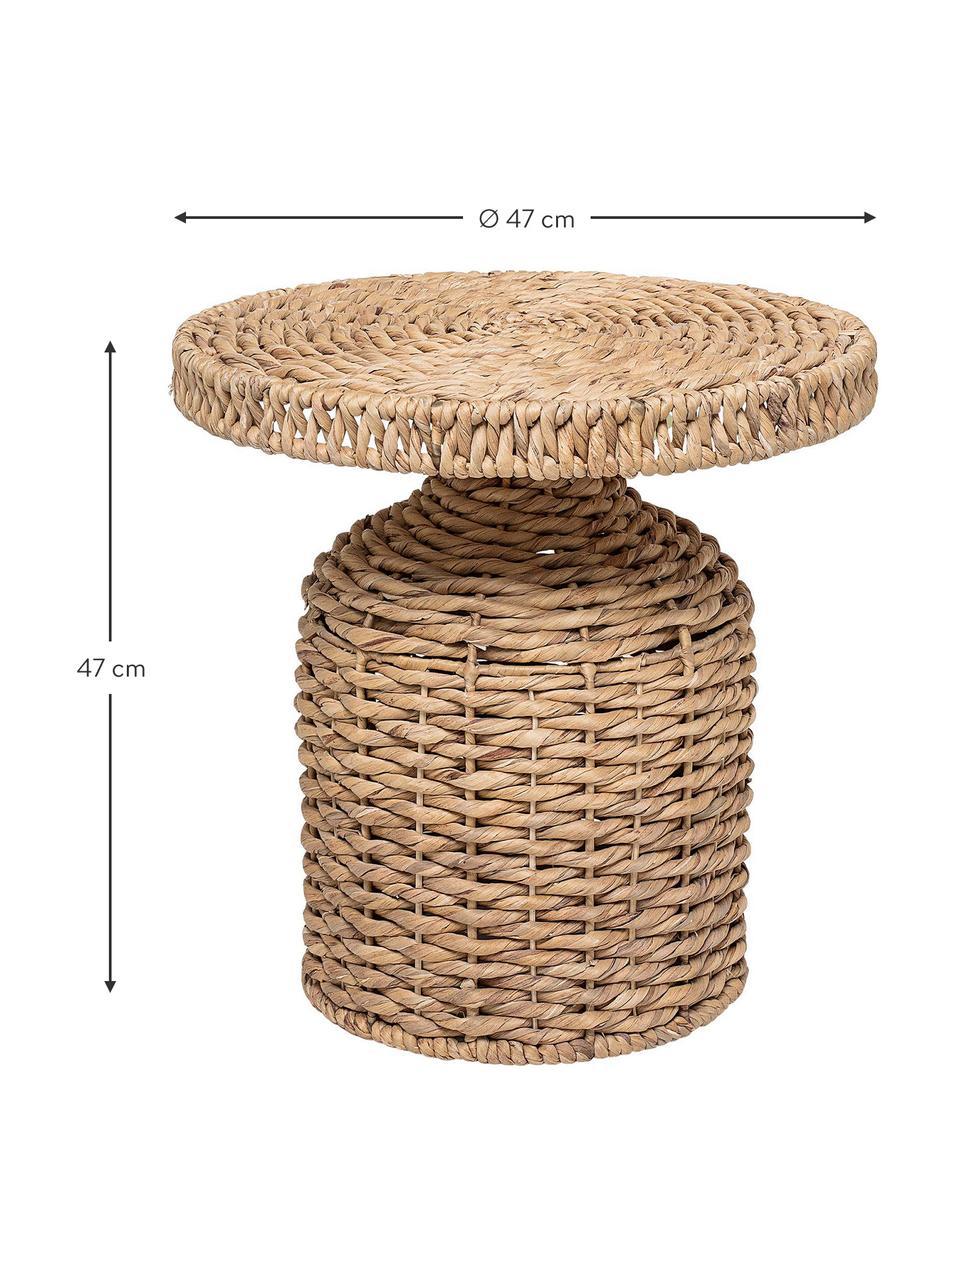 Runder Rattan-Beistelltisch Camo, Rattan, Hellbraun, Ø 47 x H 47 cm